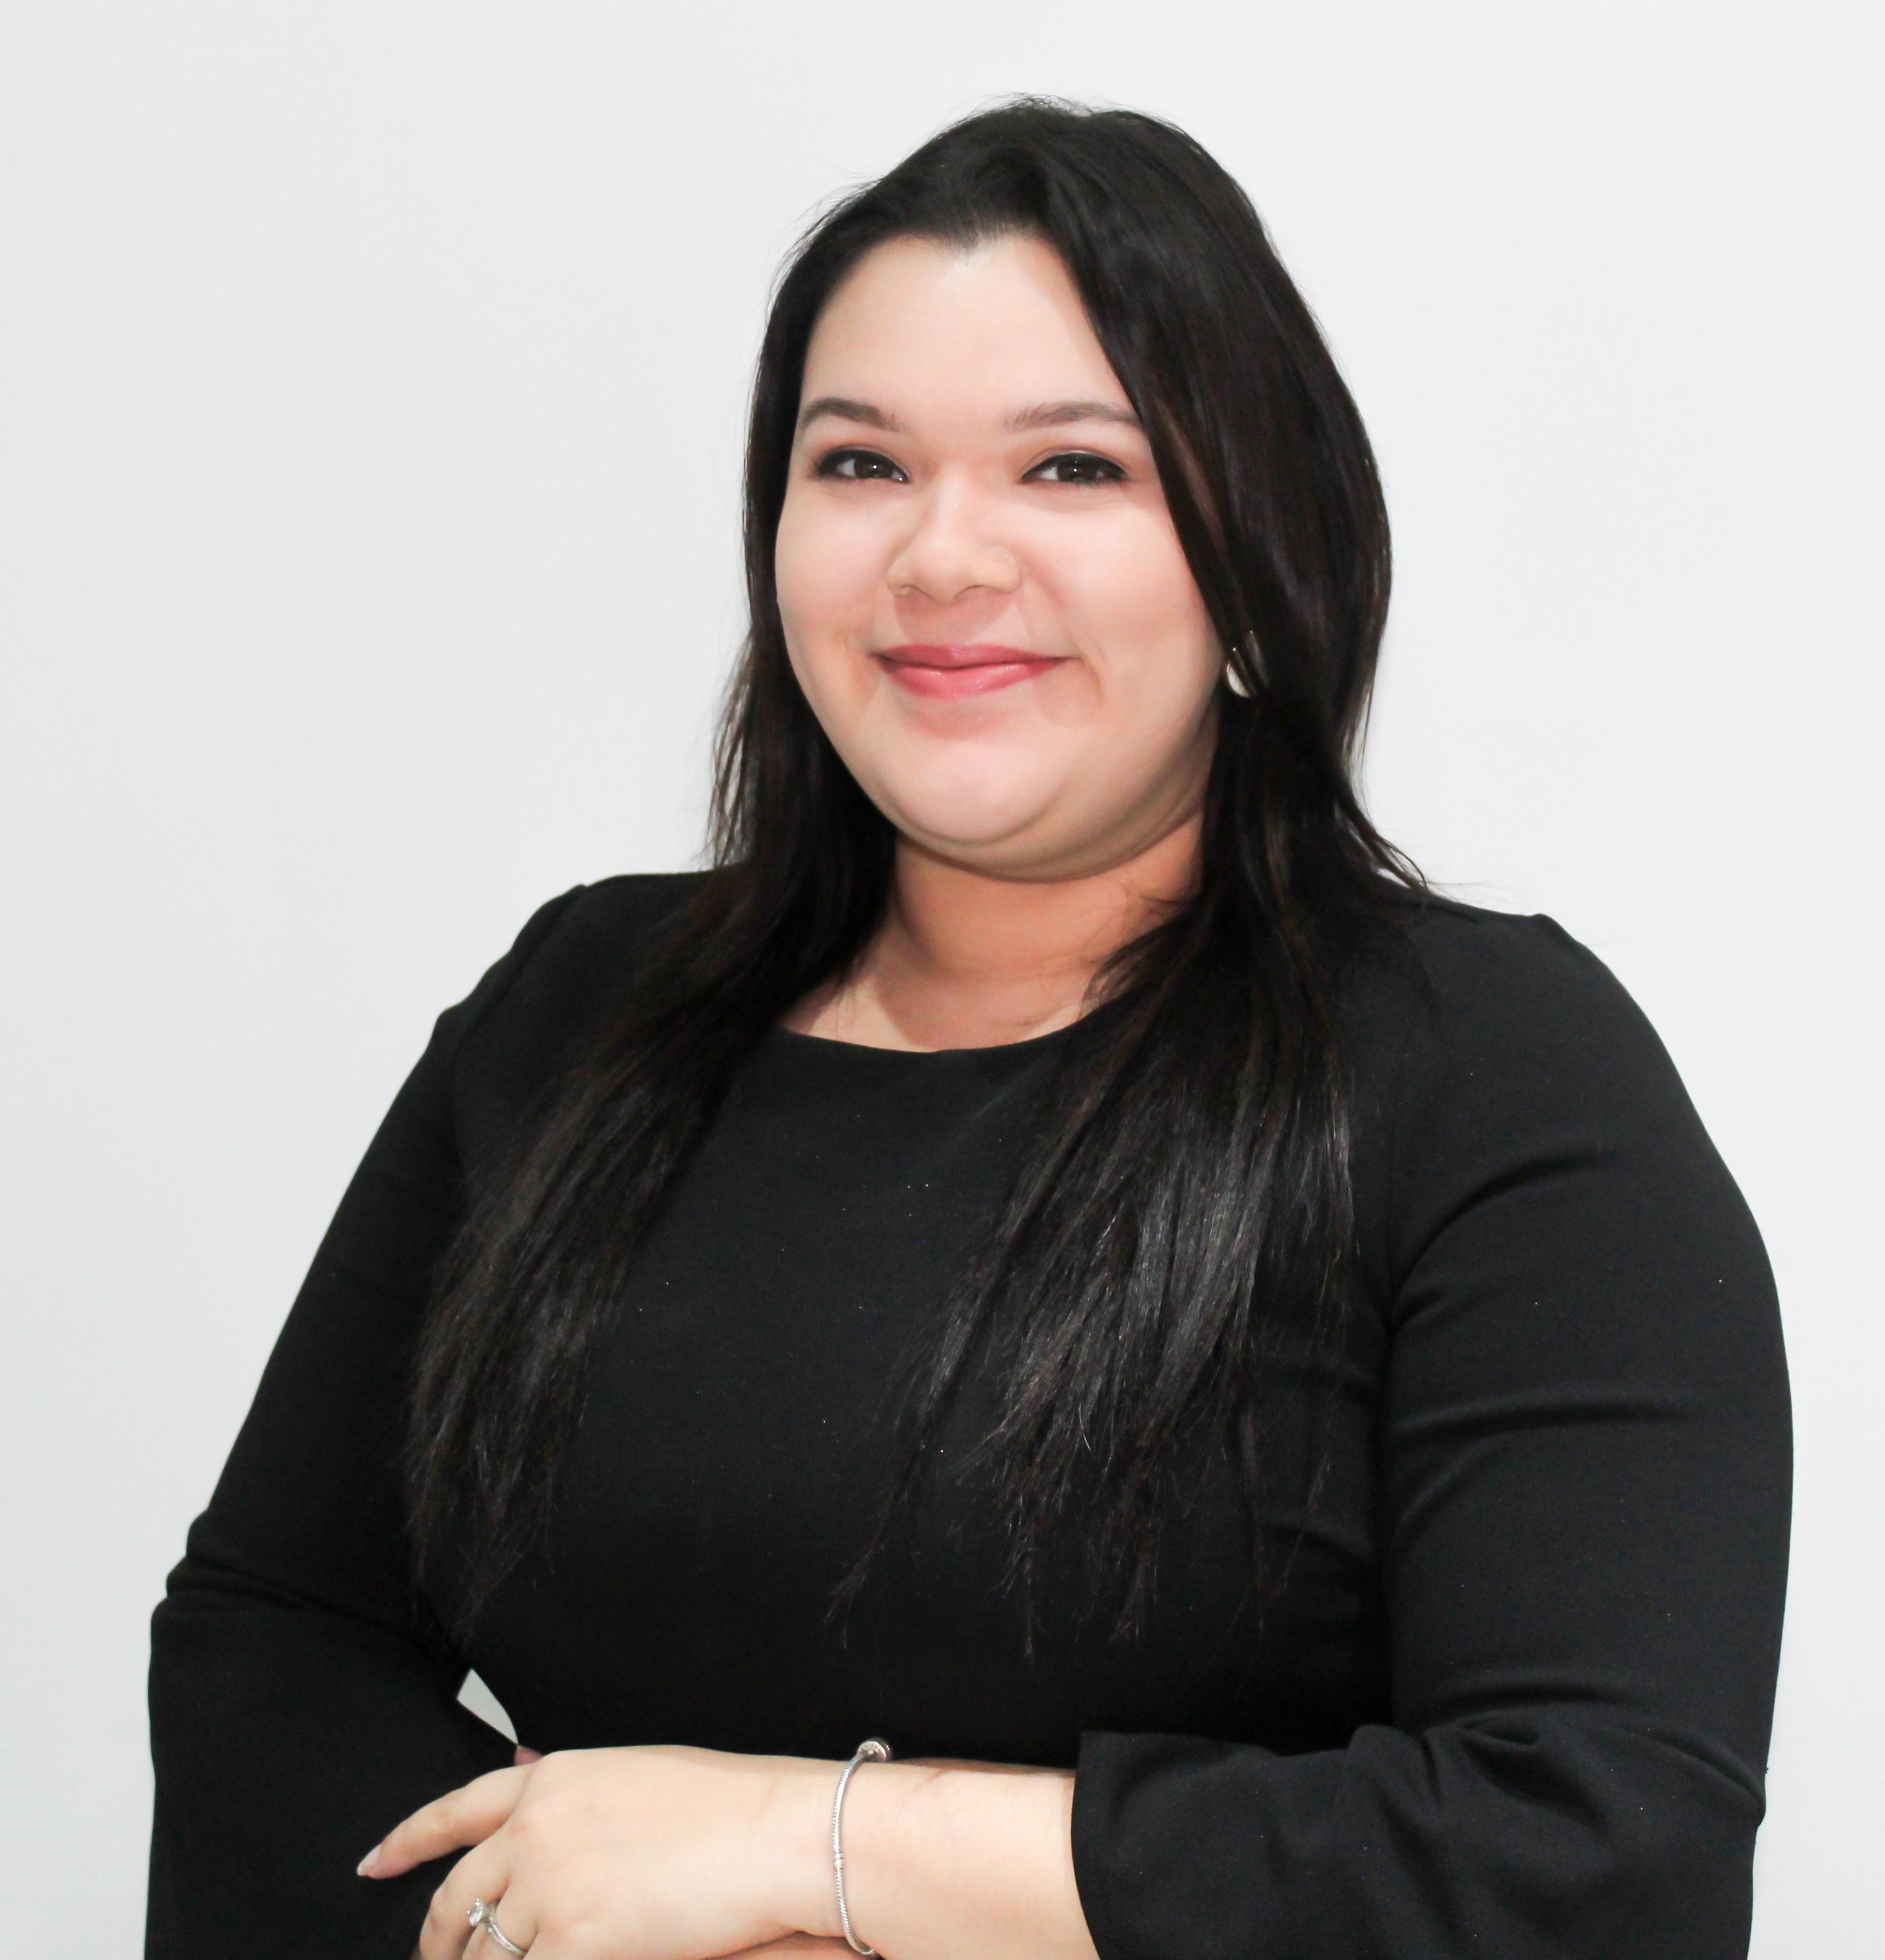 Zahira Carvajal - Siuma expertos